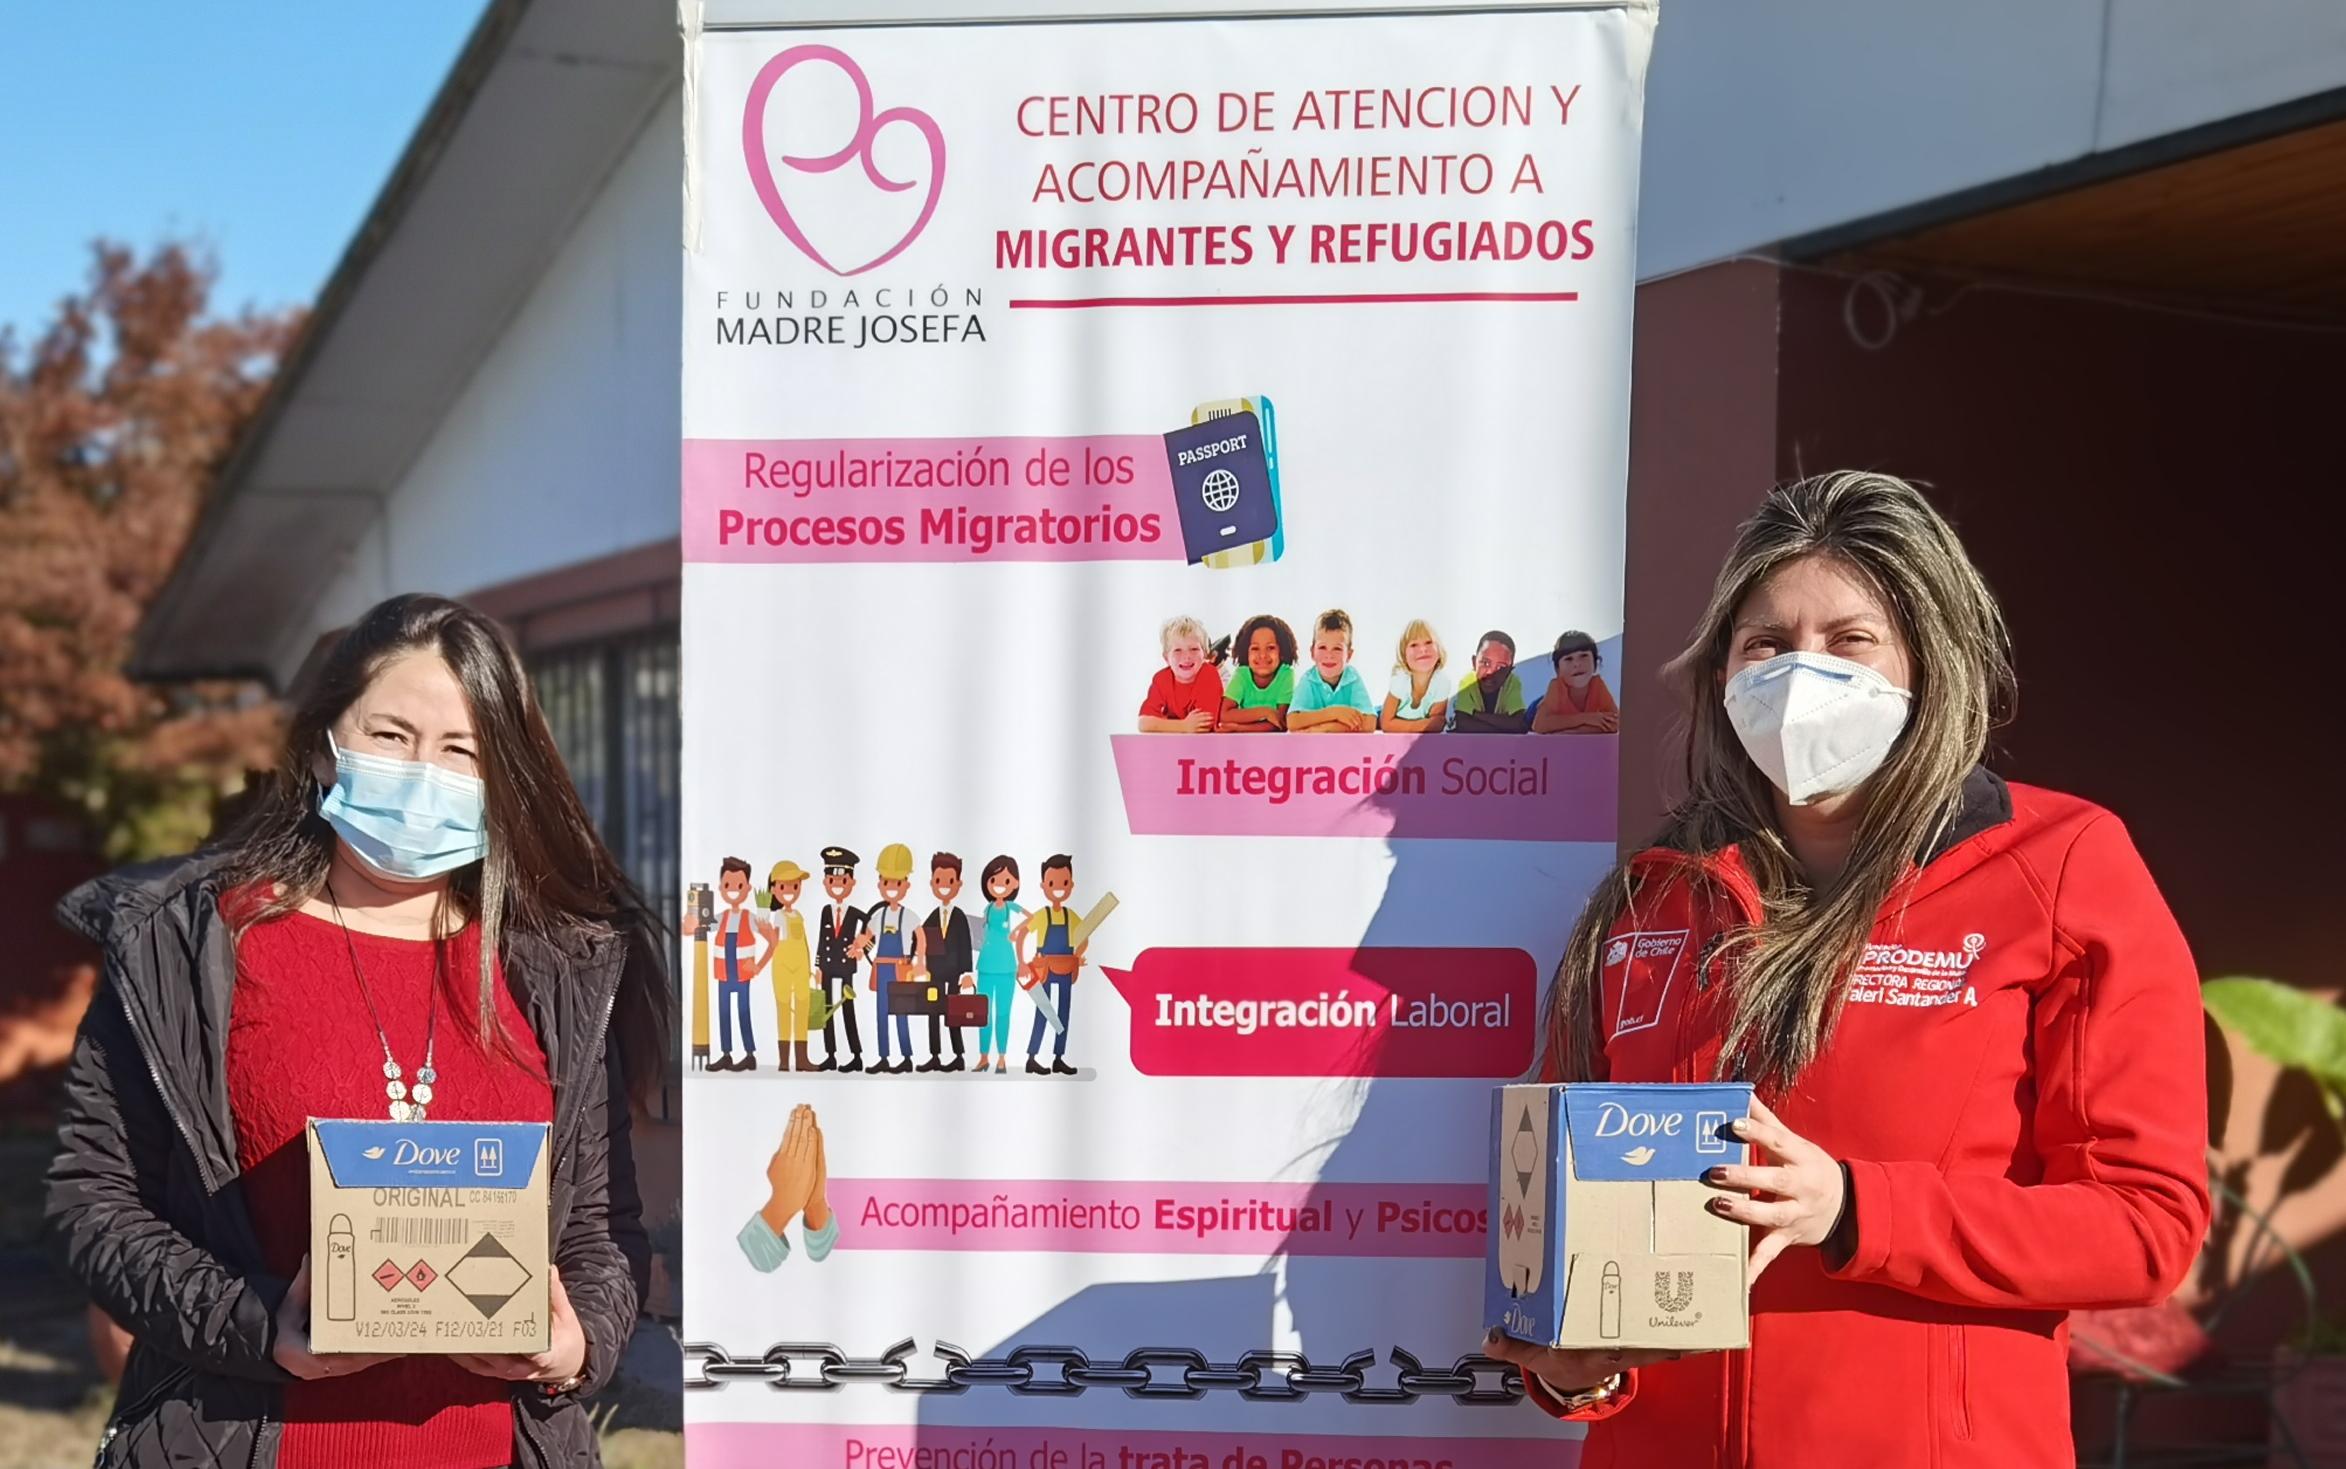 Campaña de ayuda humanitaria de la Fundación Madre Josefa